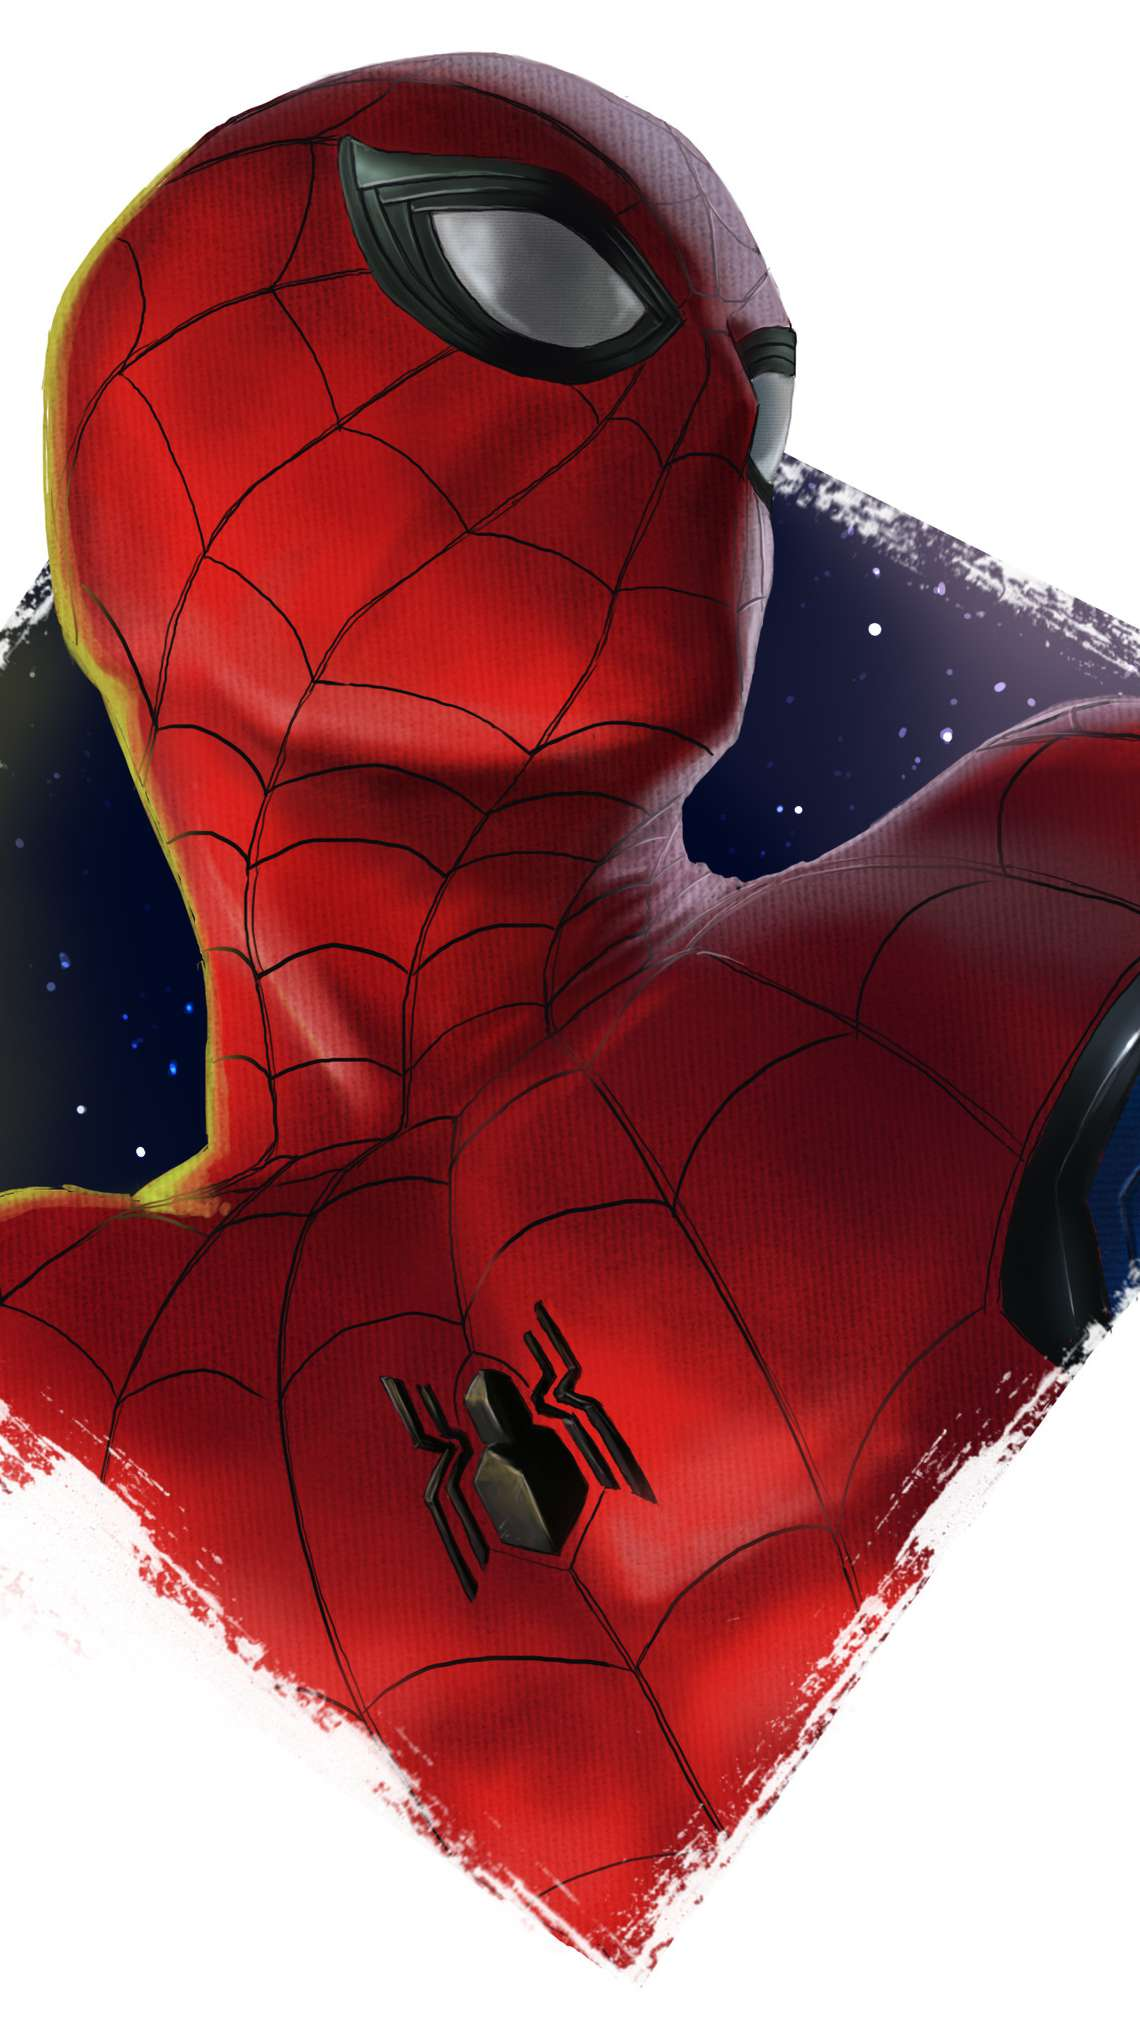 Spider Man Art iPhone Wallpaper